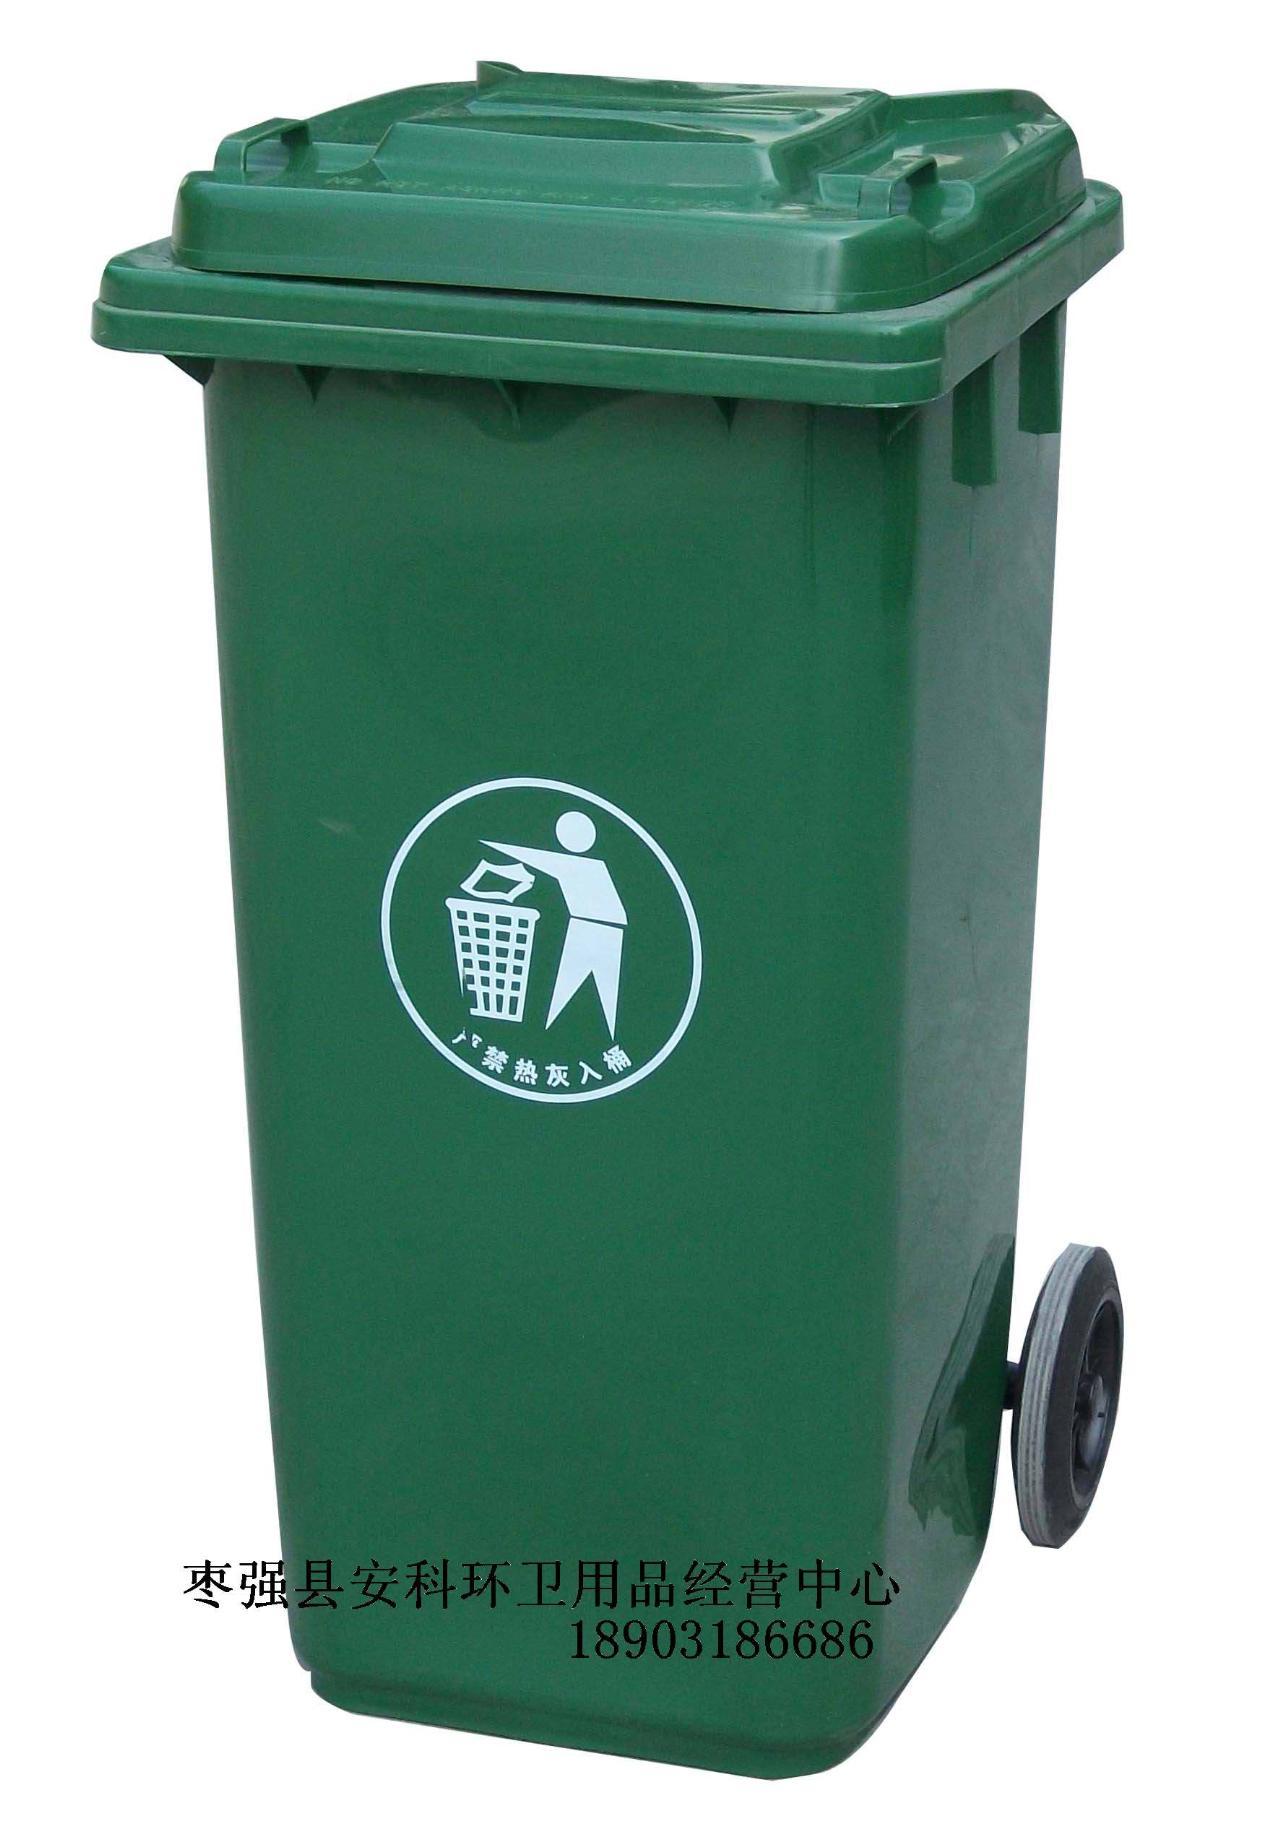 移动垃圾桶_枣强在线